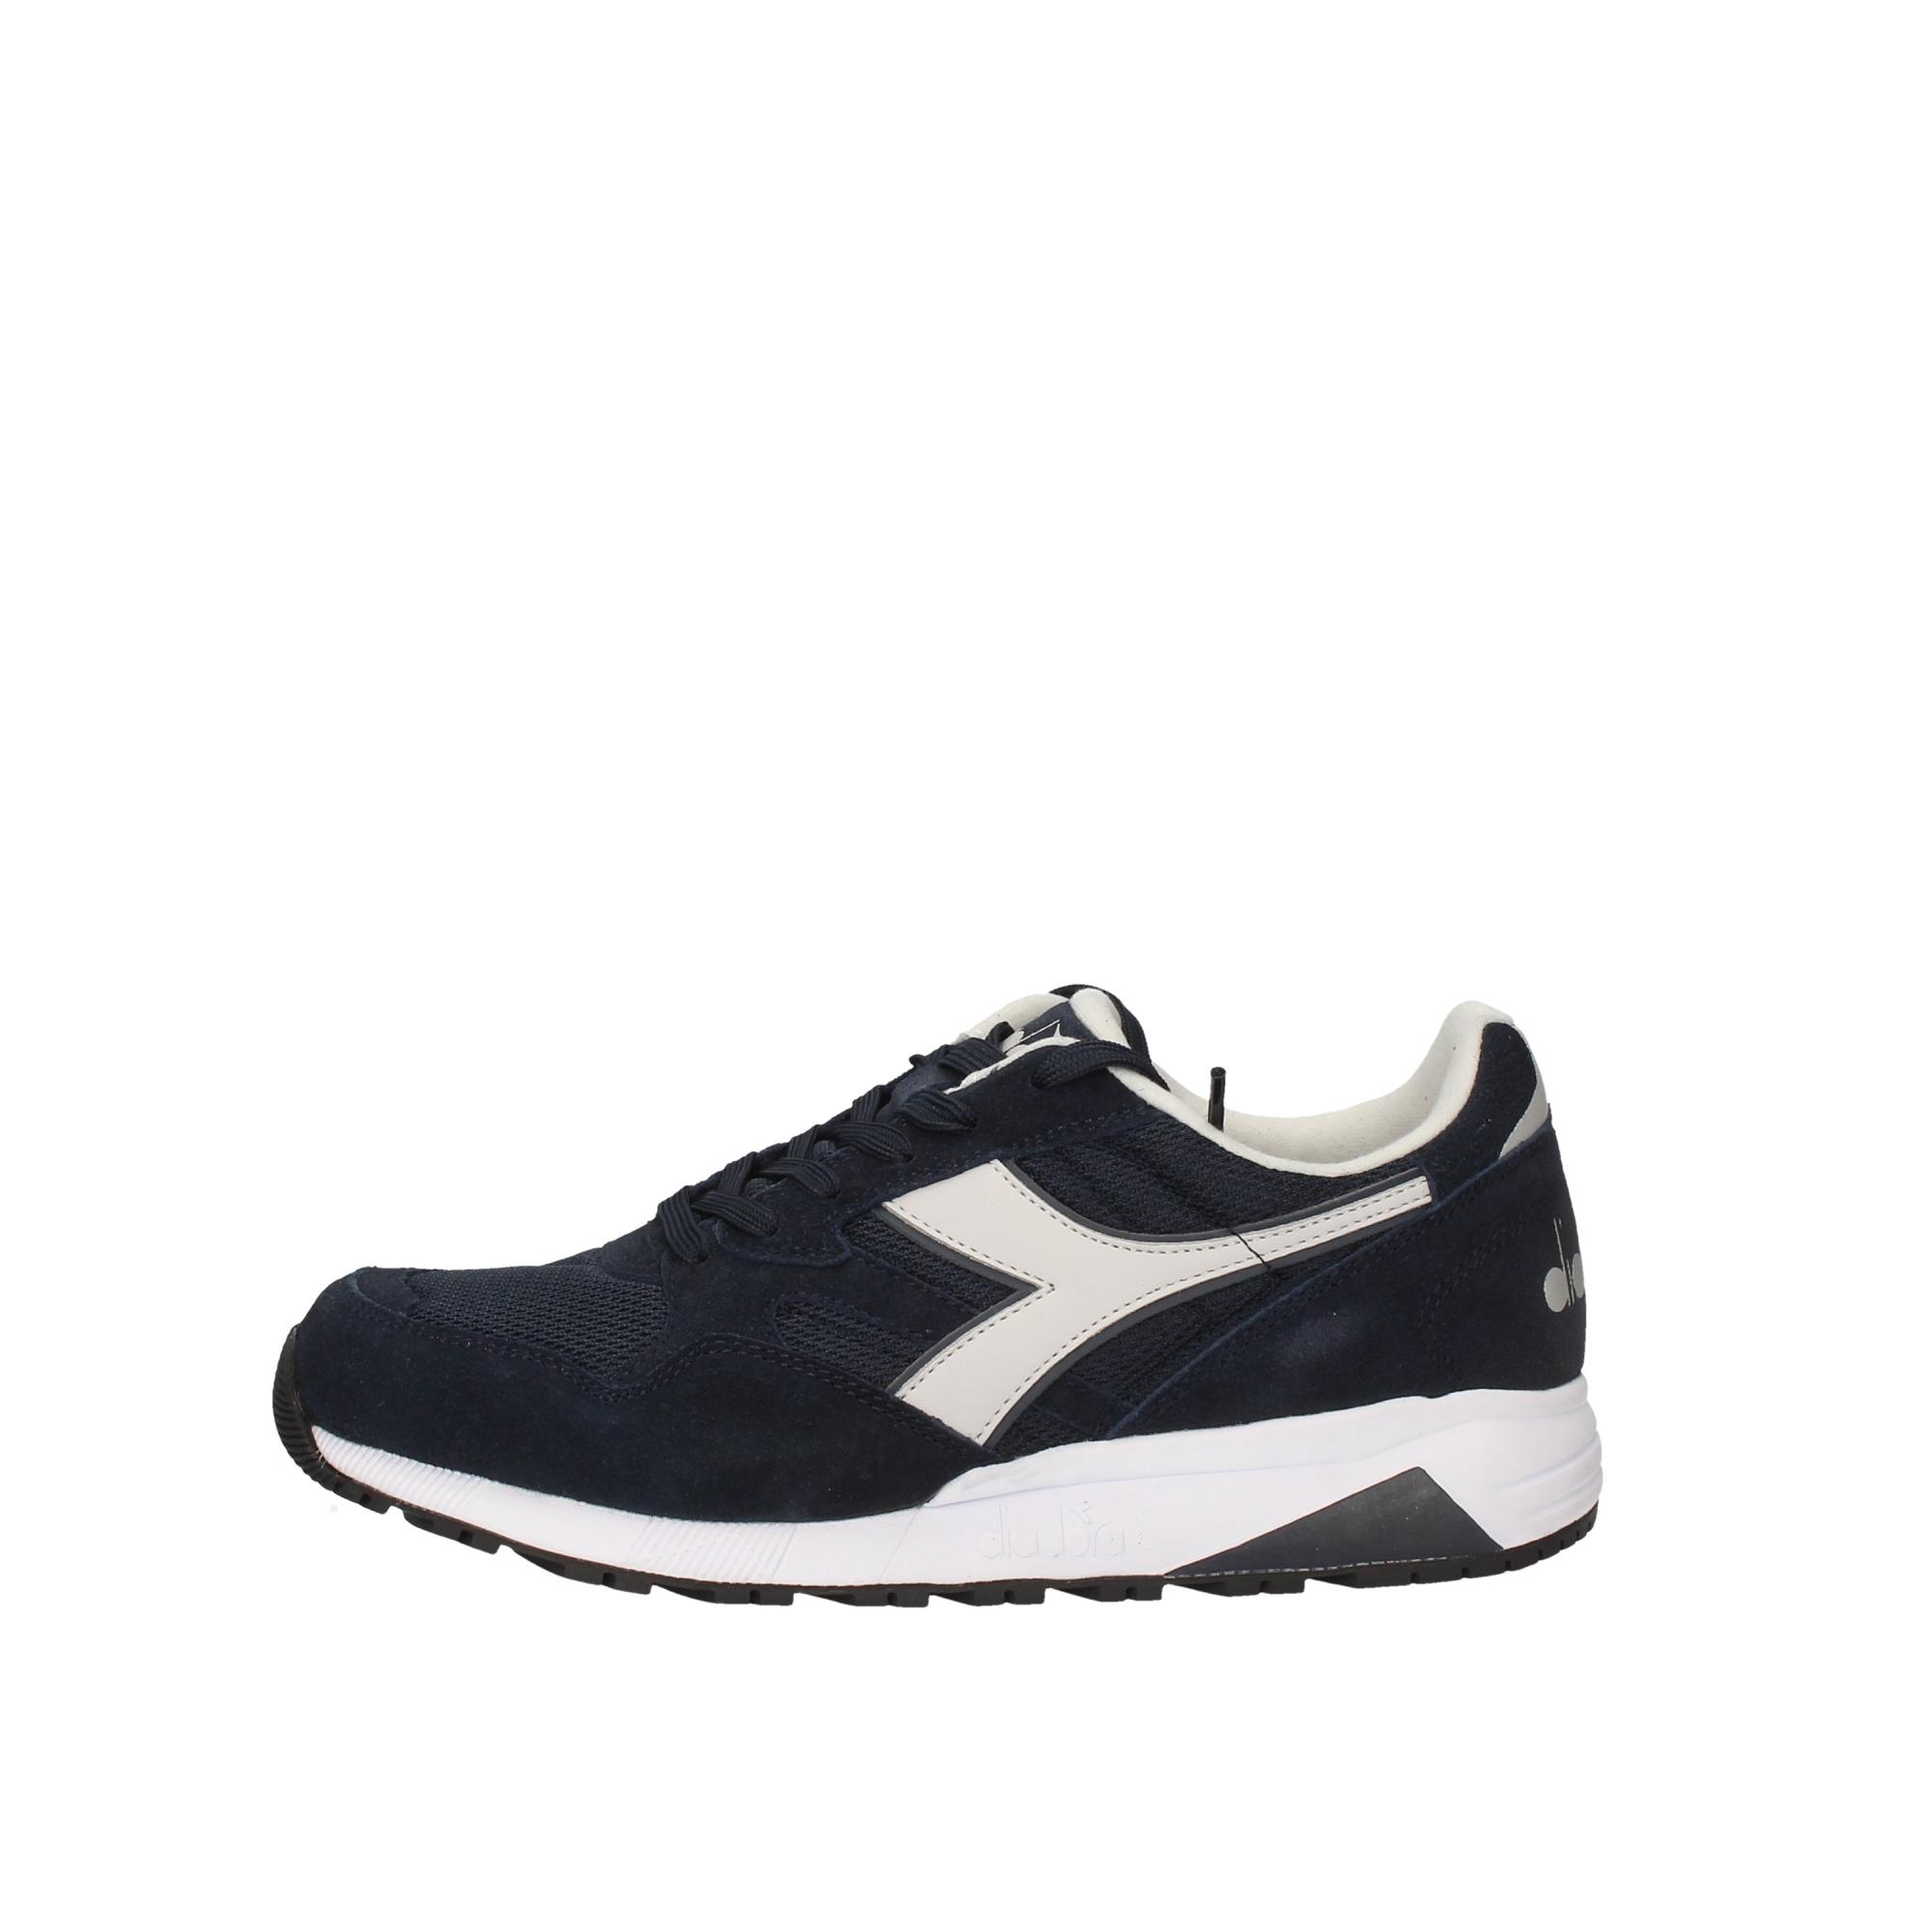 Diadora Sneakers Uomo 501.173290 C6239 | Acquista ora su